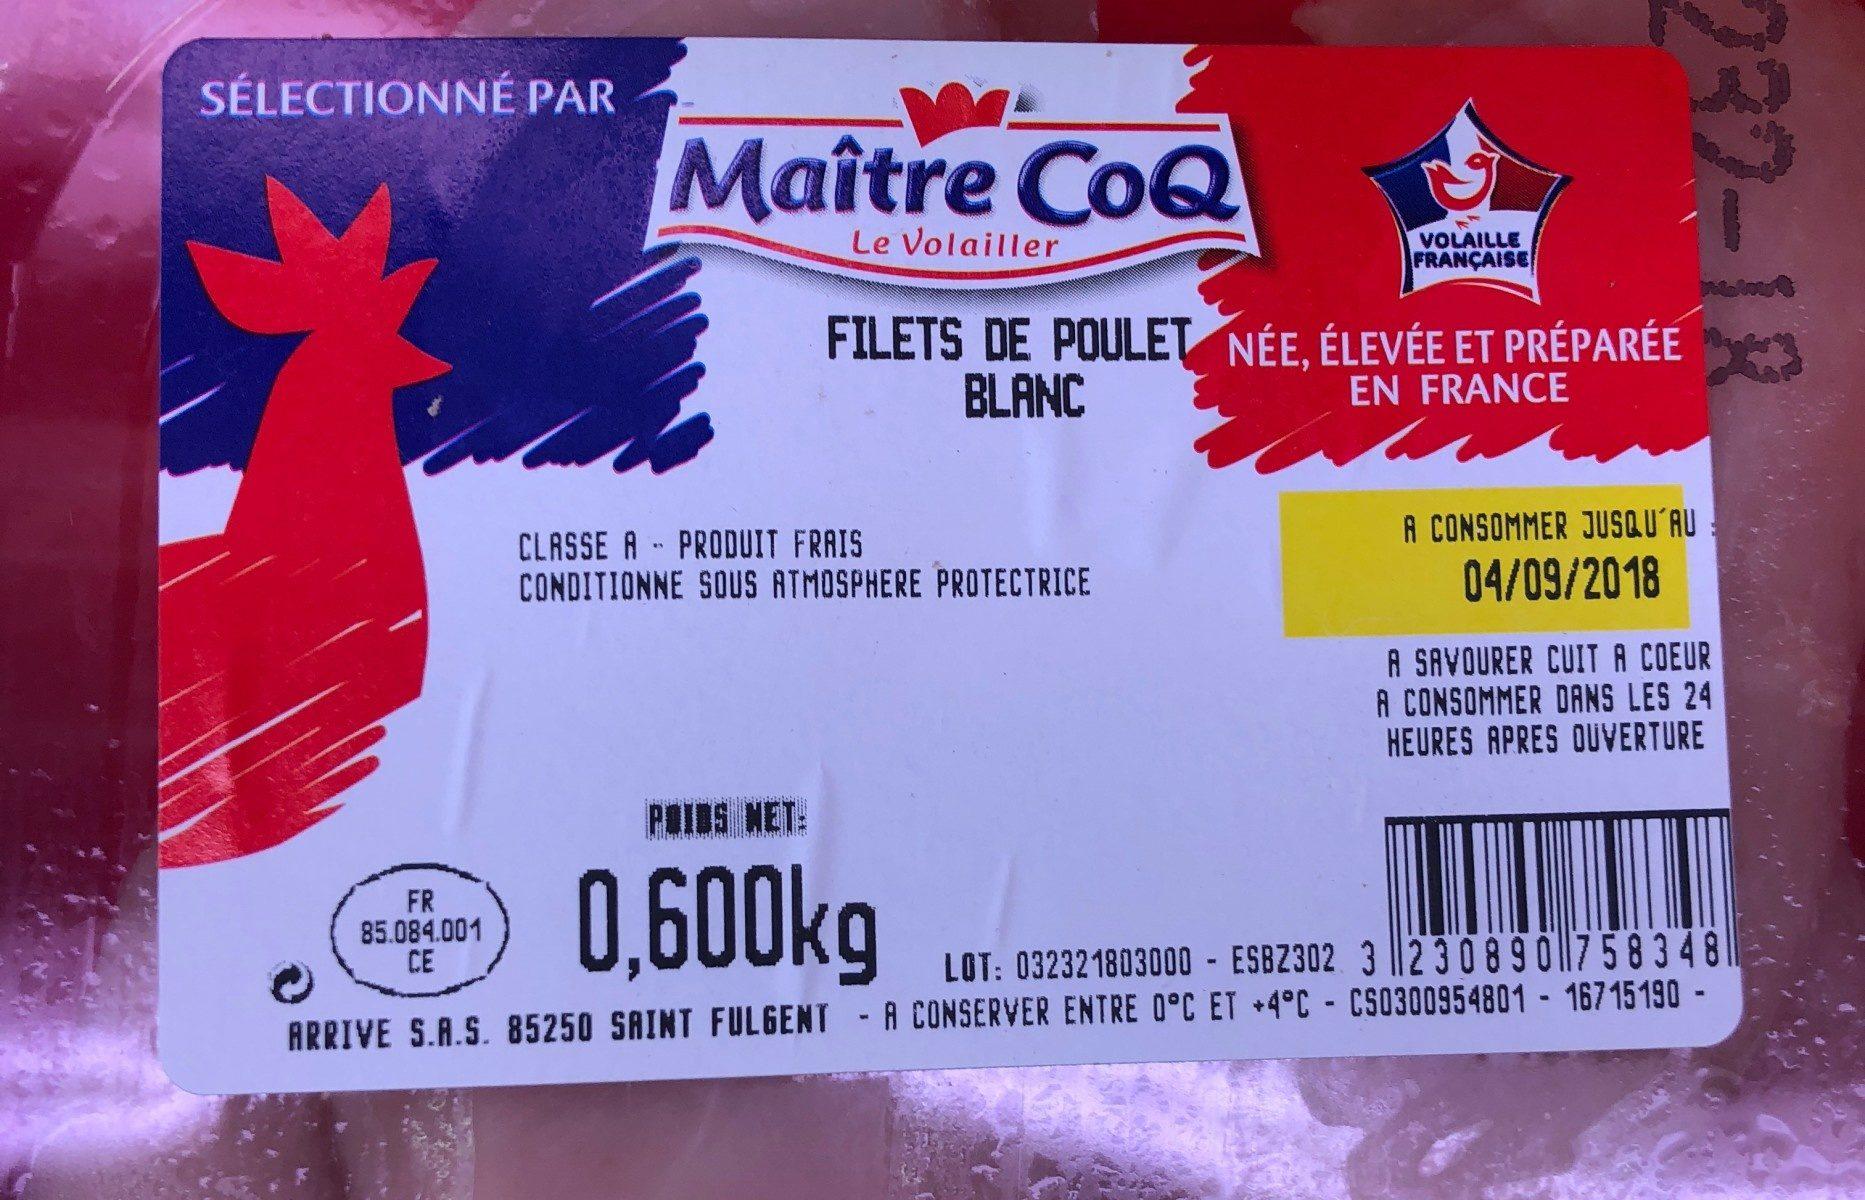 Filets poulet blanc Maître Coq - Ingrediënten